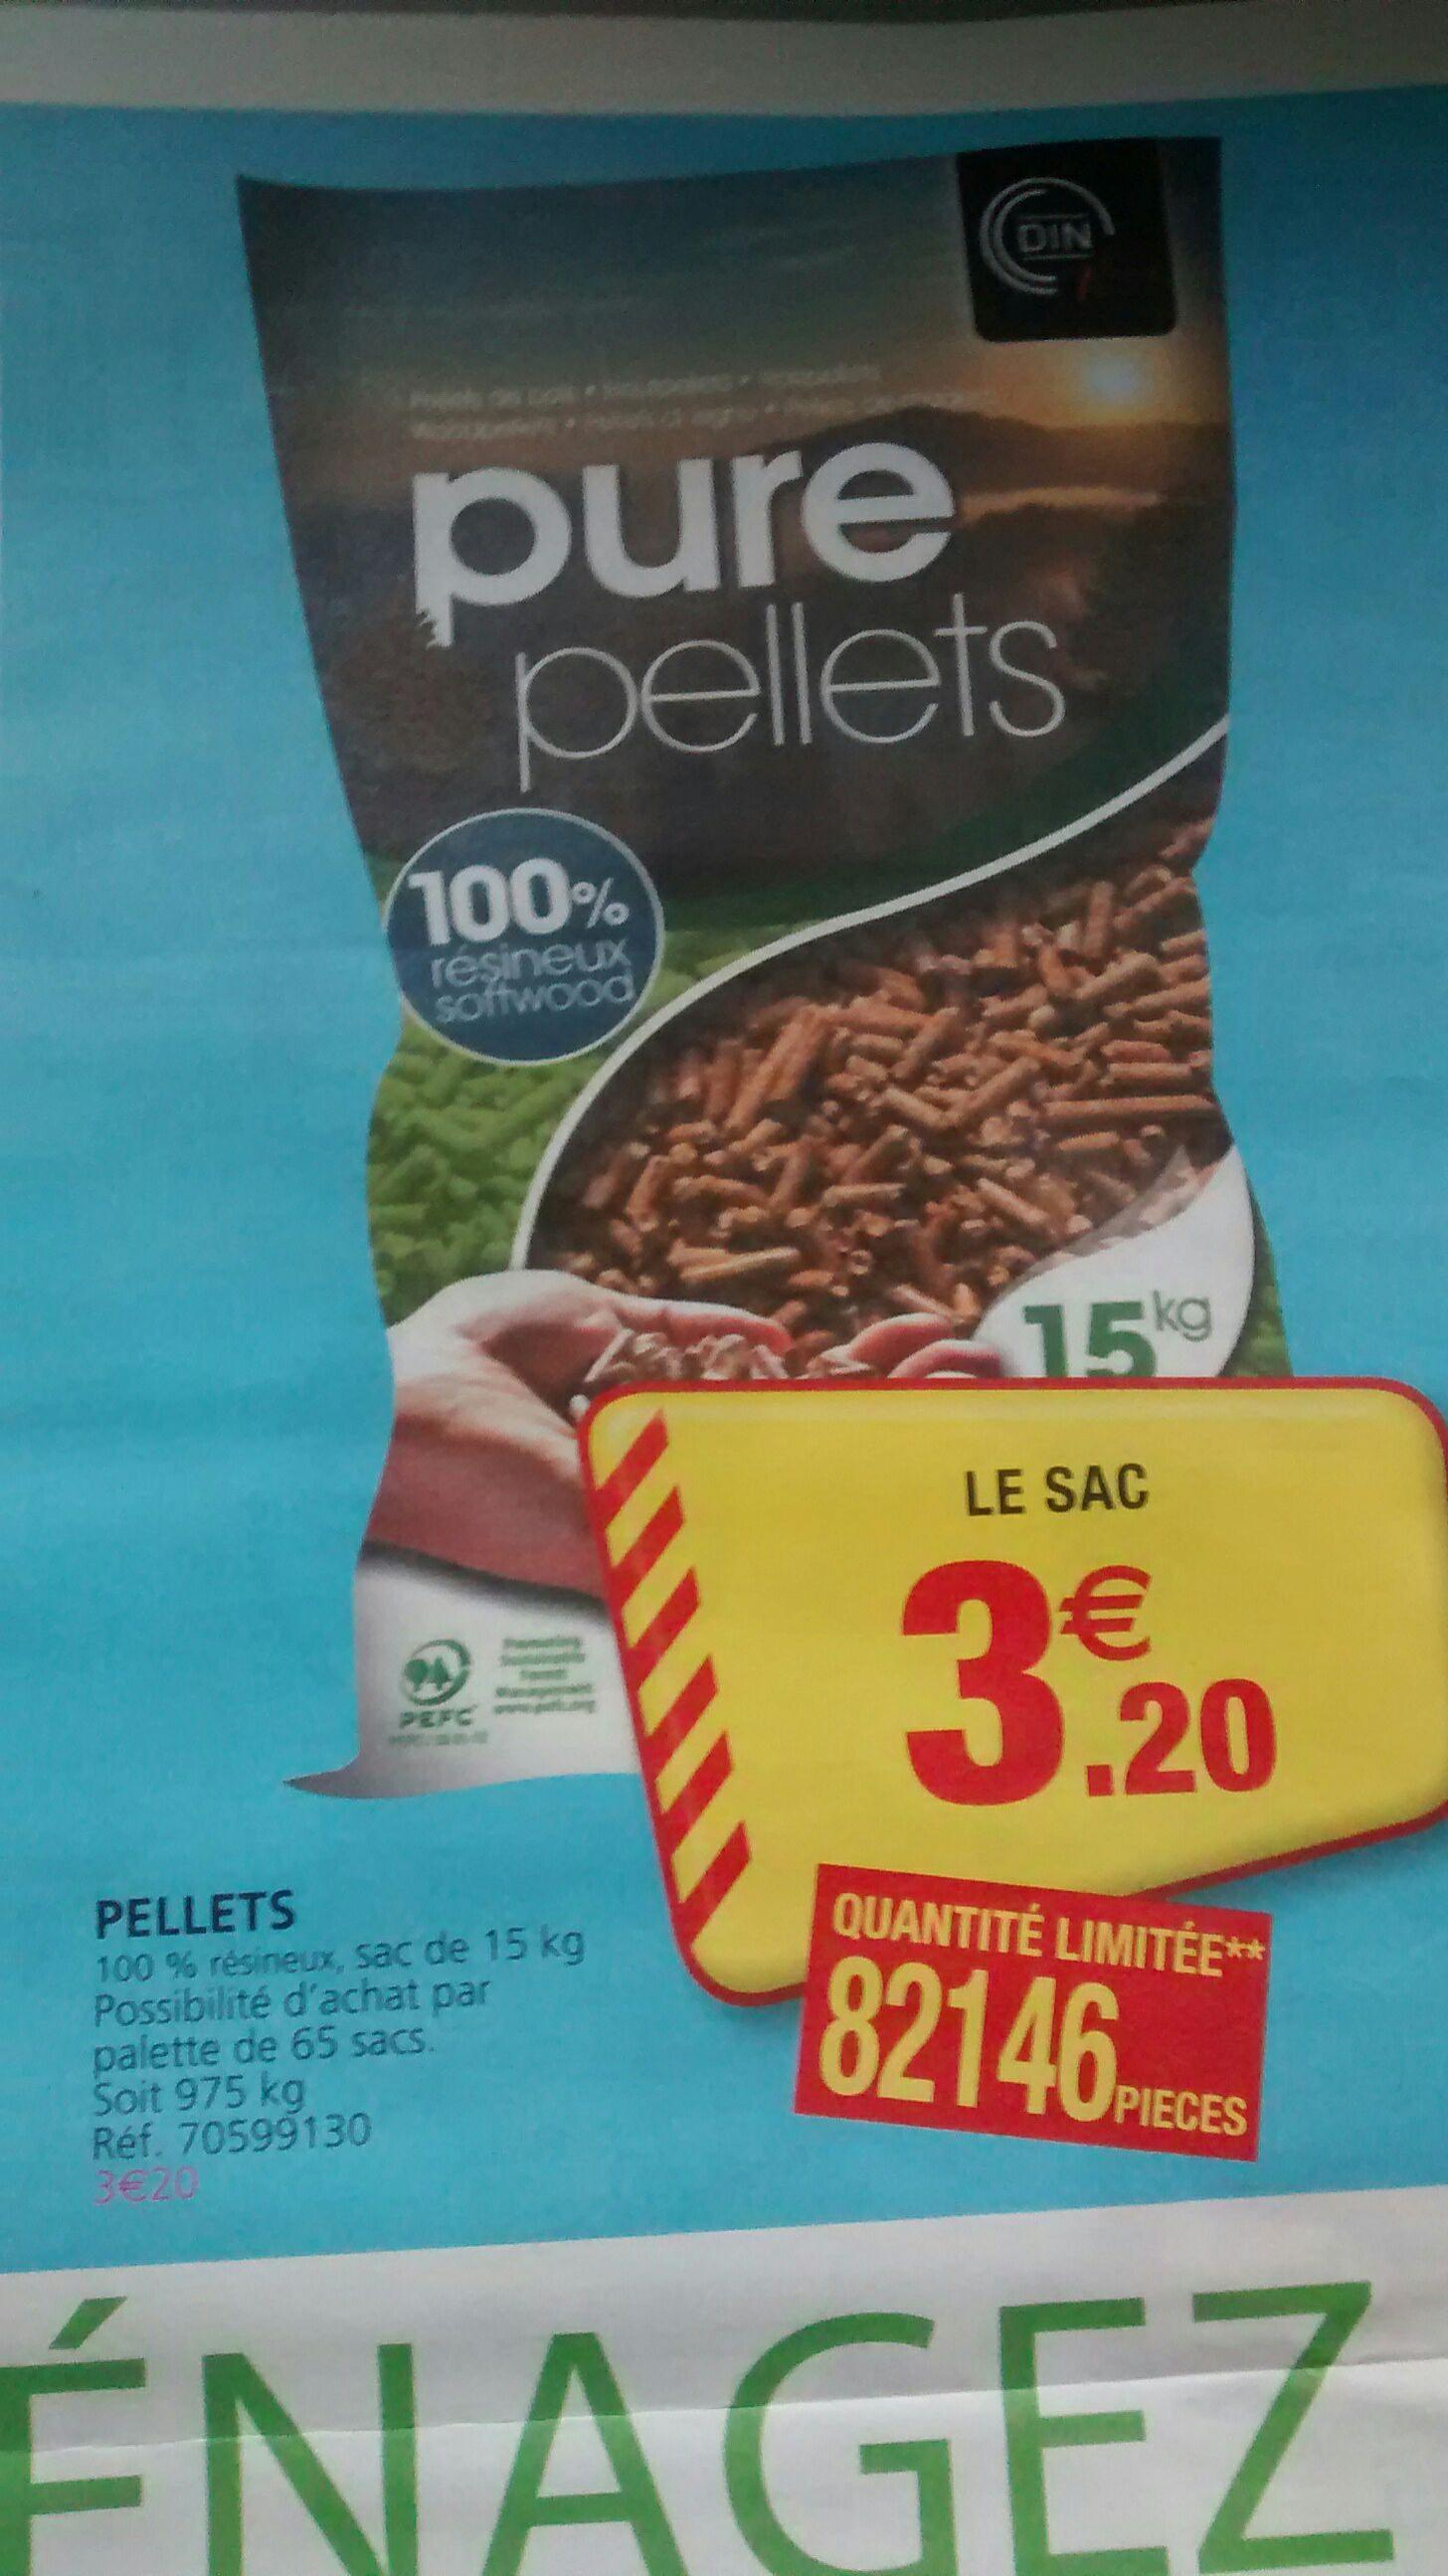 Sac Pure Pellets 100% Résineux 15Kg